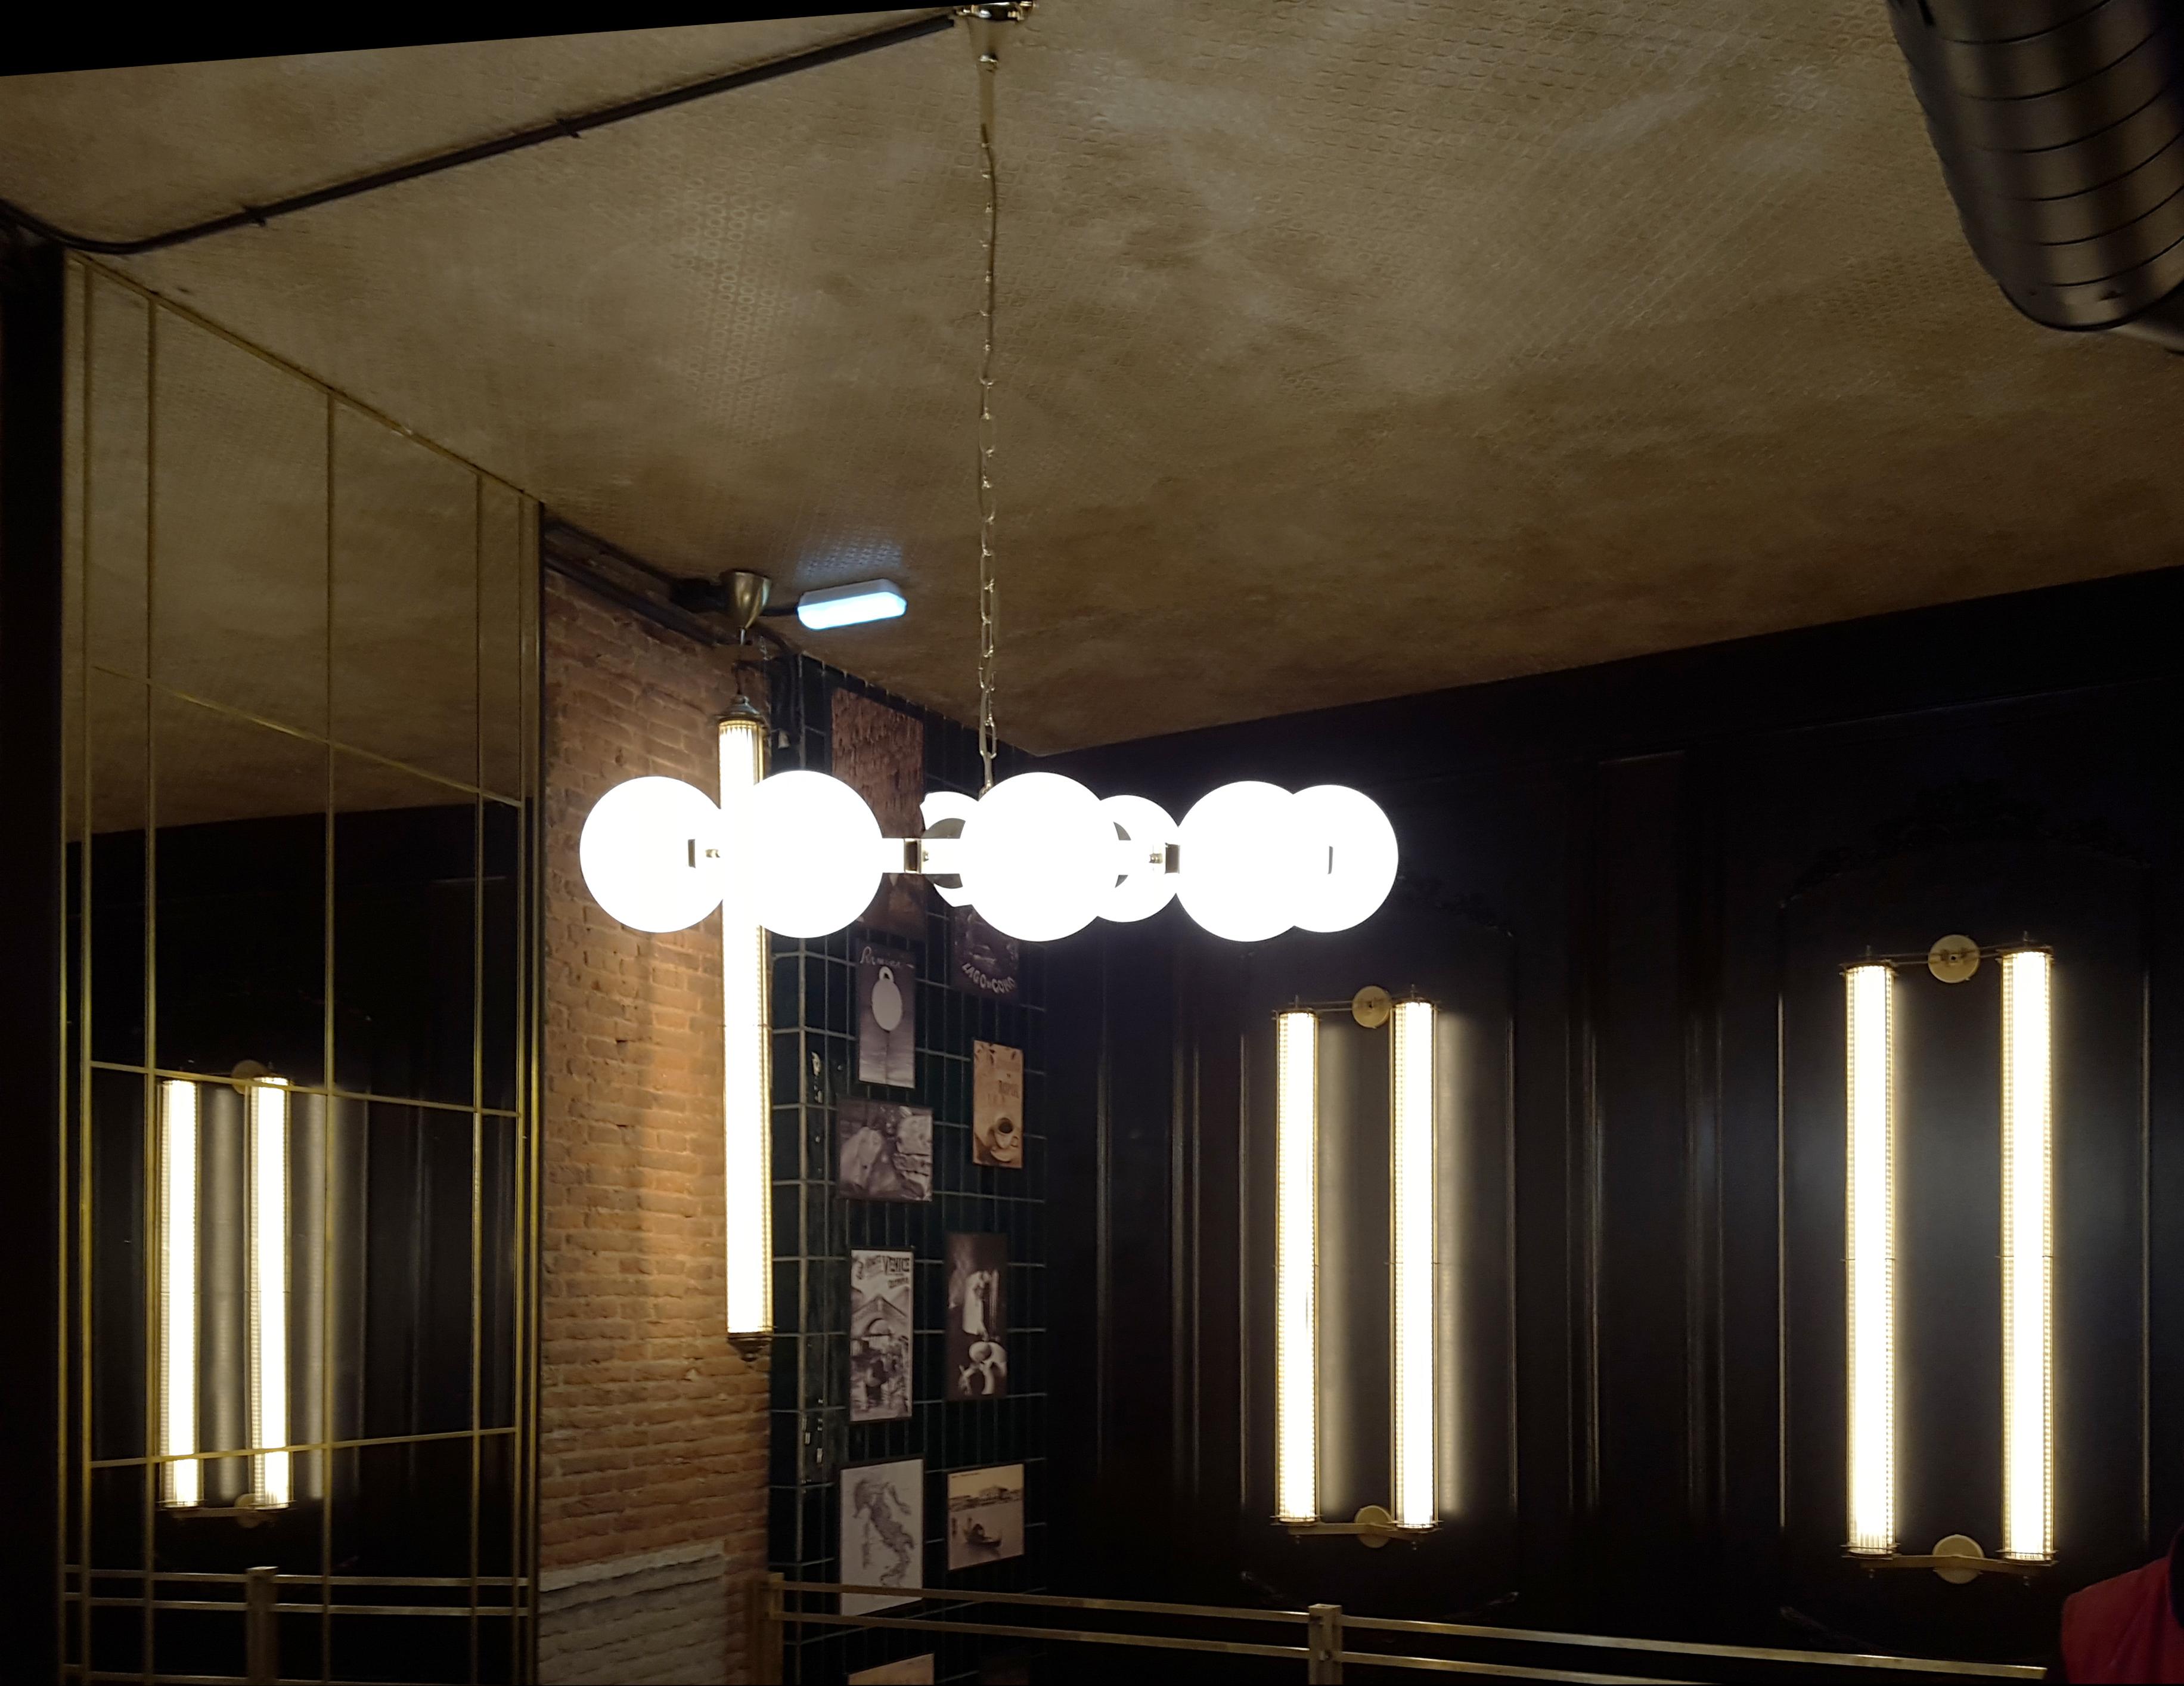 Lámparas de techo colgantes bolas opal en Restaurante La Focaccella de Madrid